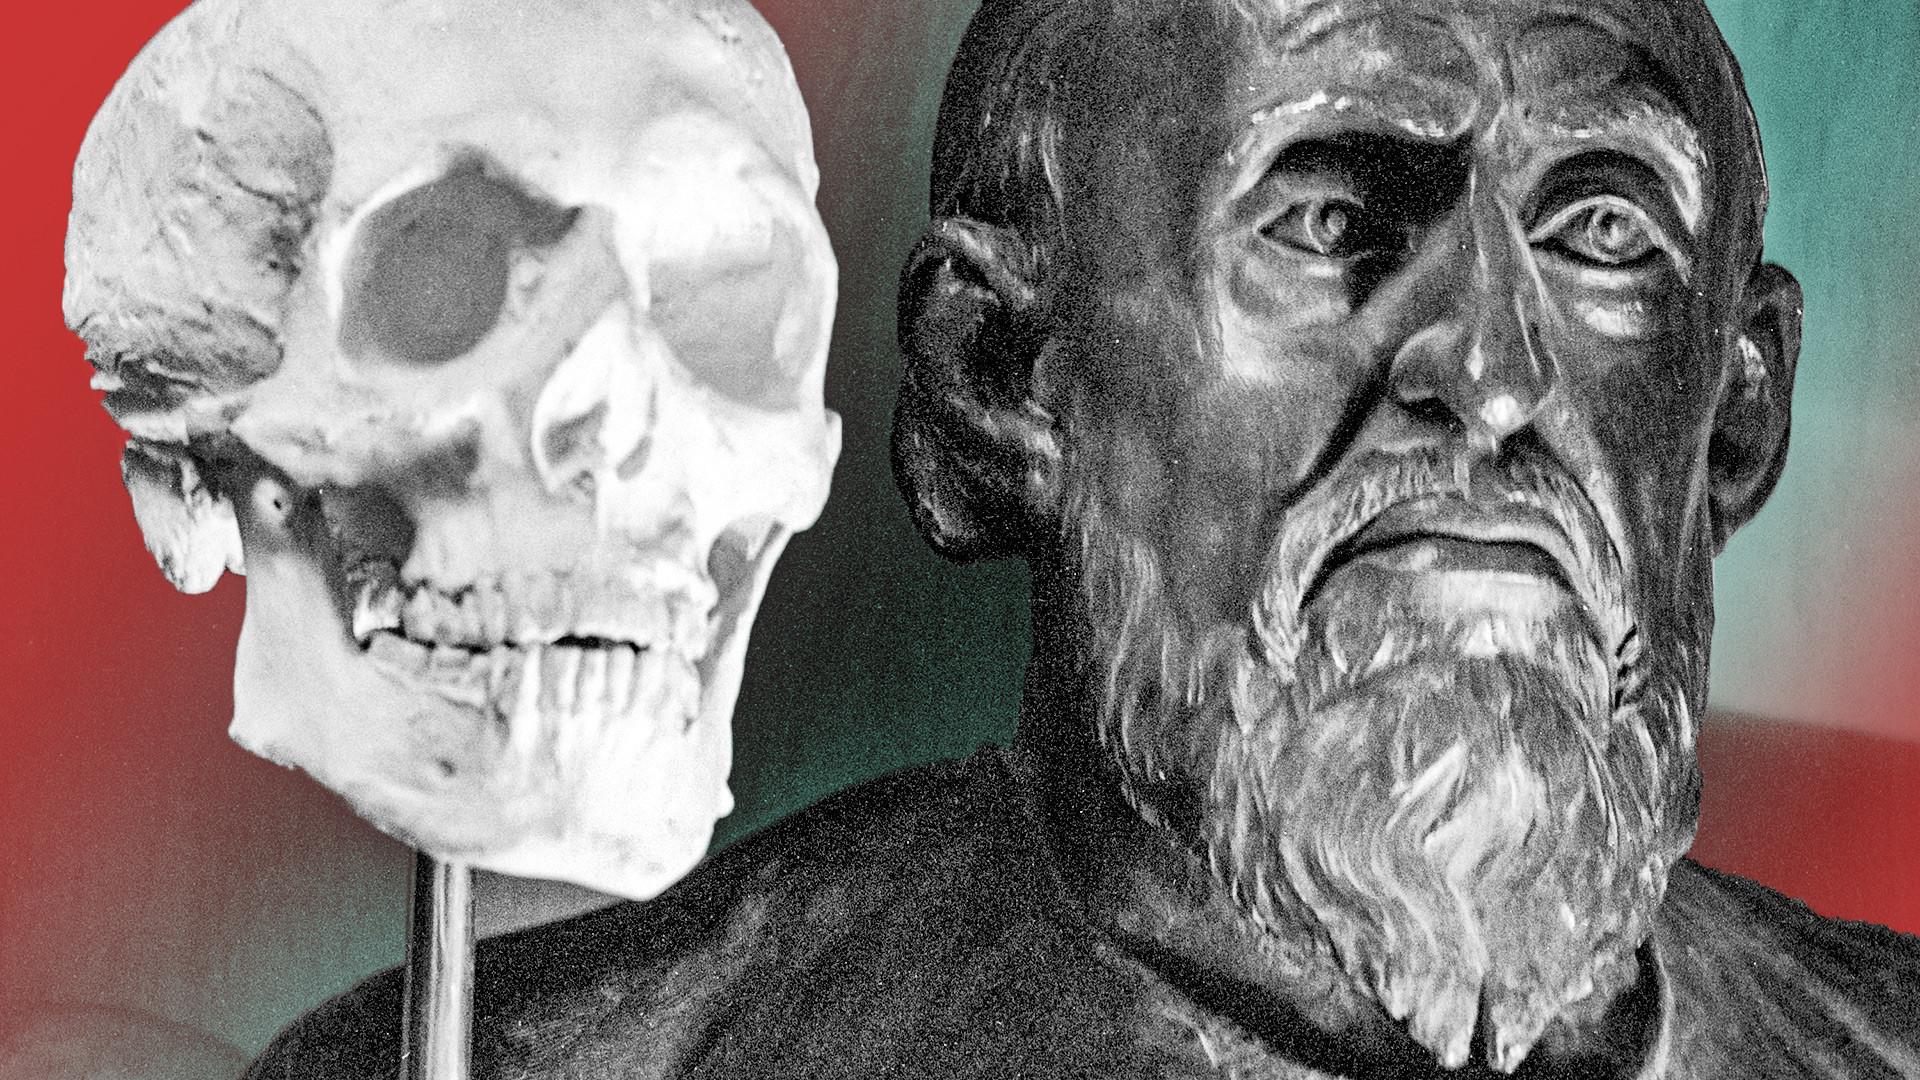 Главата на првиот руски цар Иван Грозни реконструирана според со помош на стереометрија. Лабораторија за пластична антропологија.